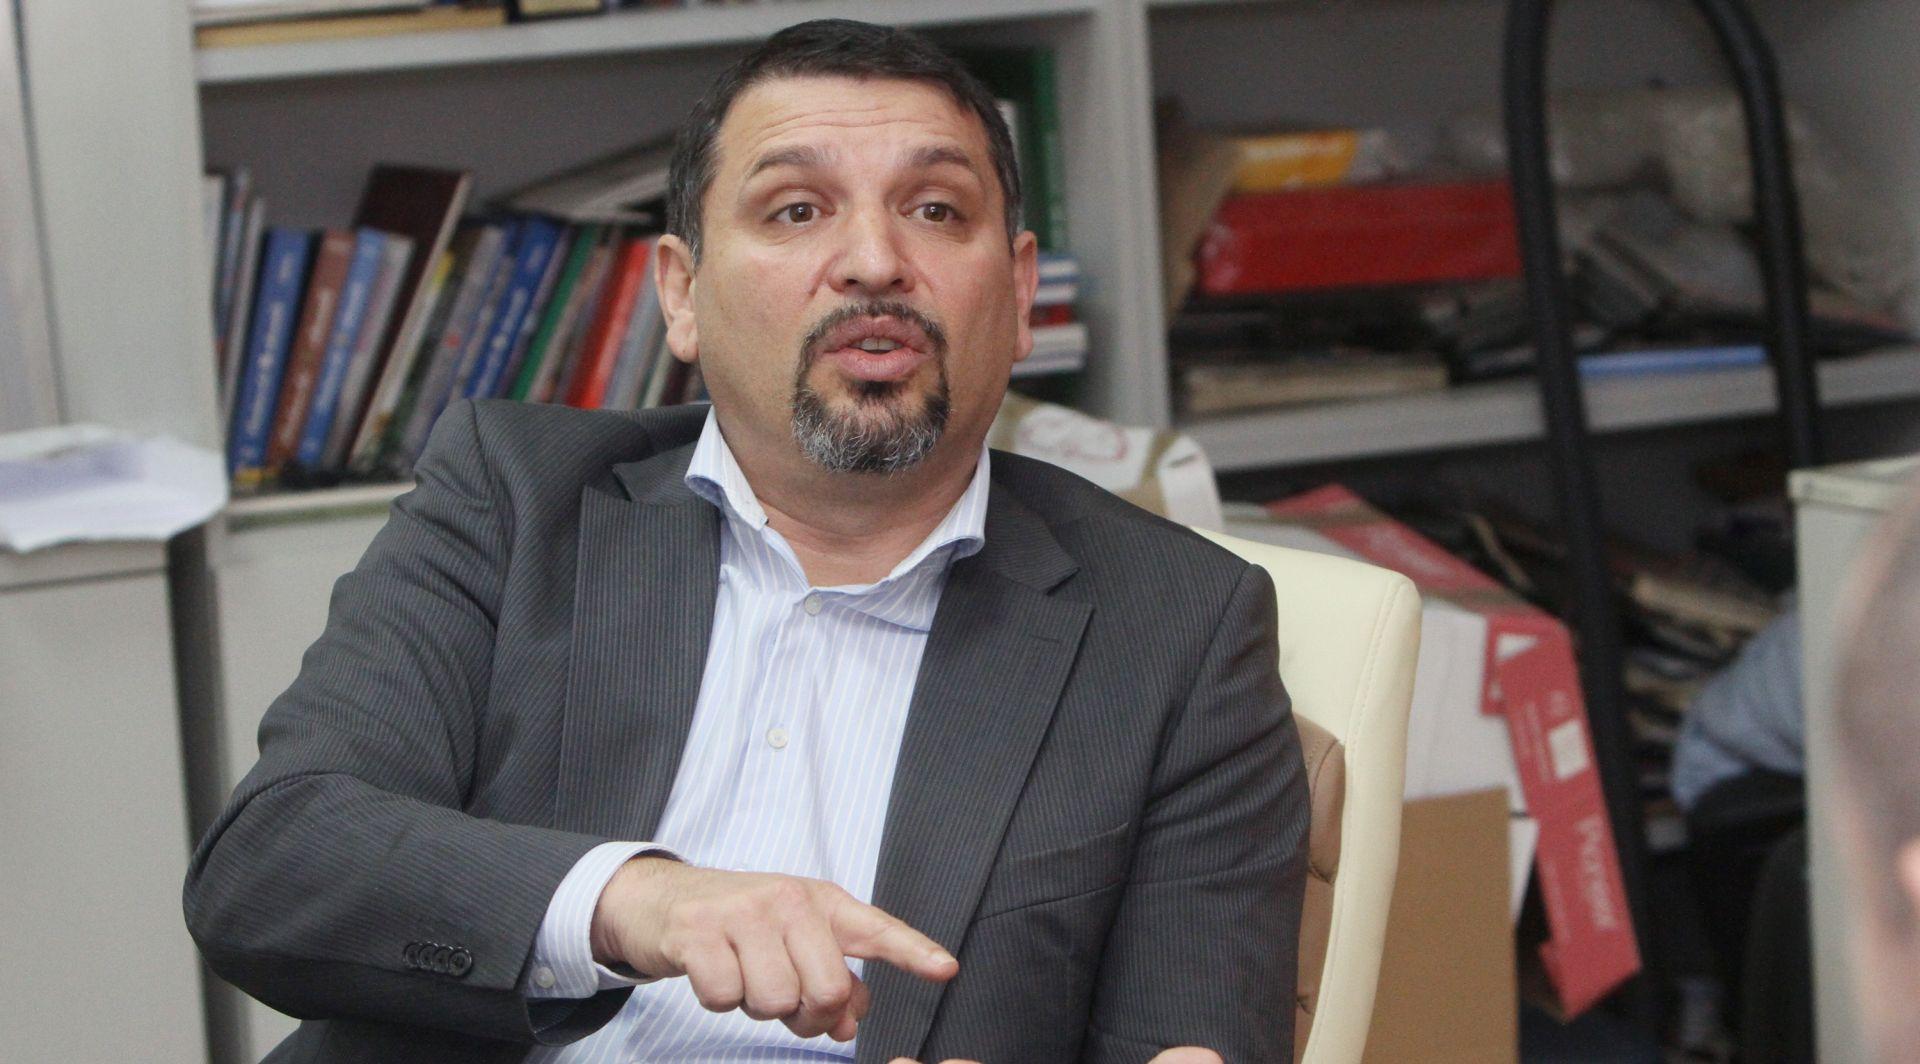 Gradonačelnik Đurđevca reagira na novomarofskoga gradonačelnika: Netočno je da na plaće trošimo 9 milijuna kuna